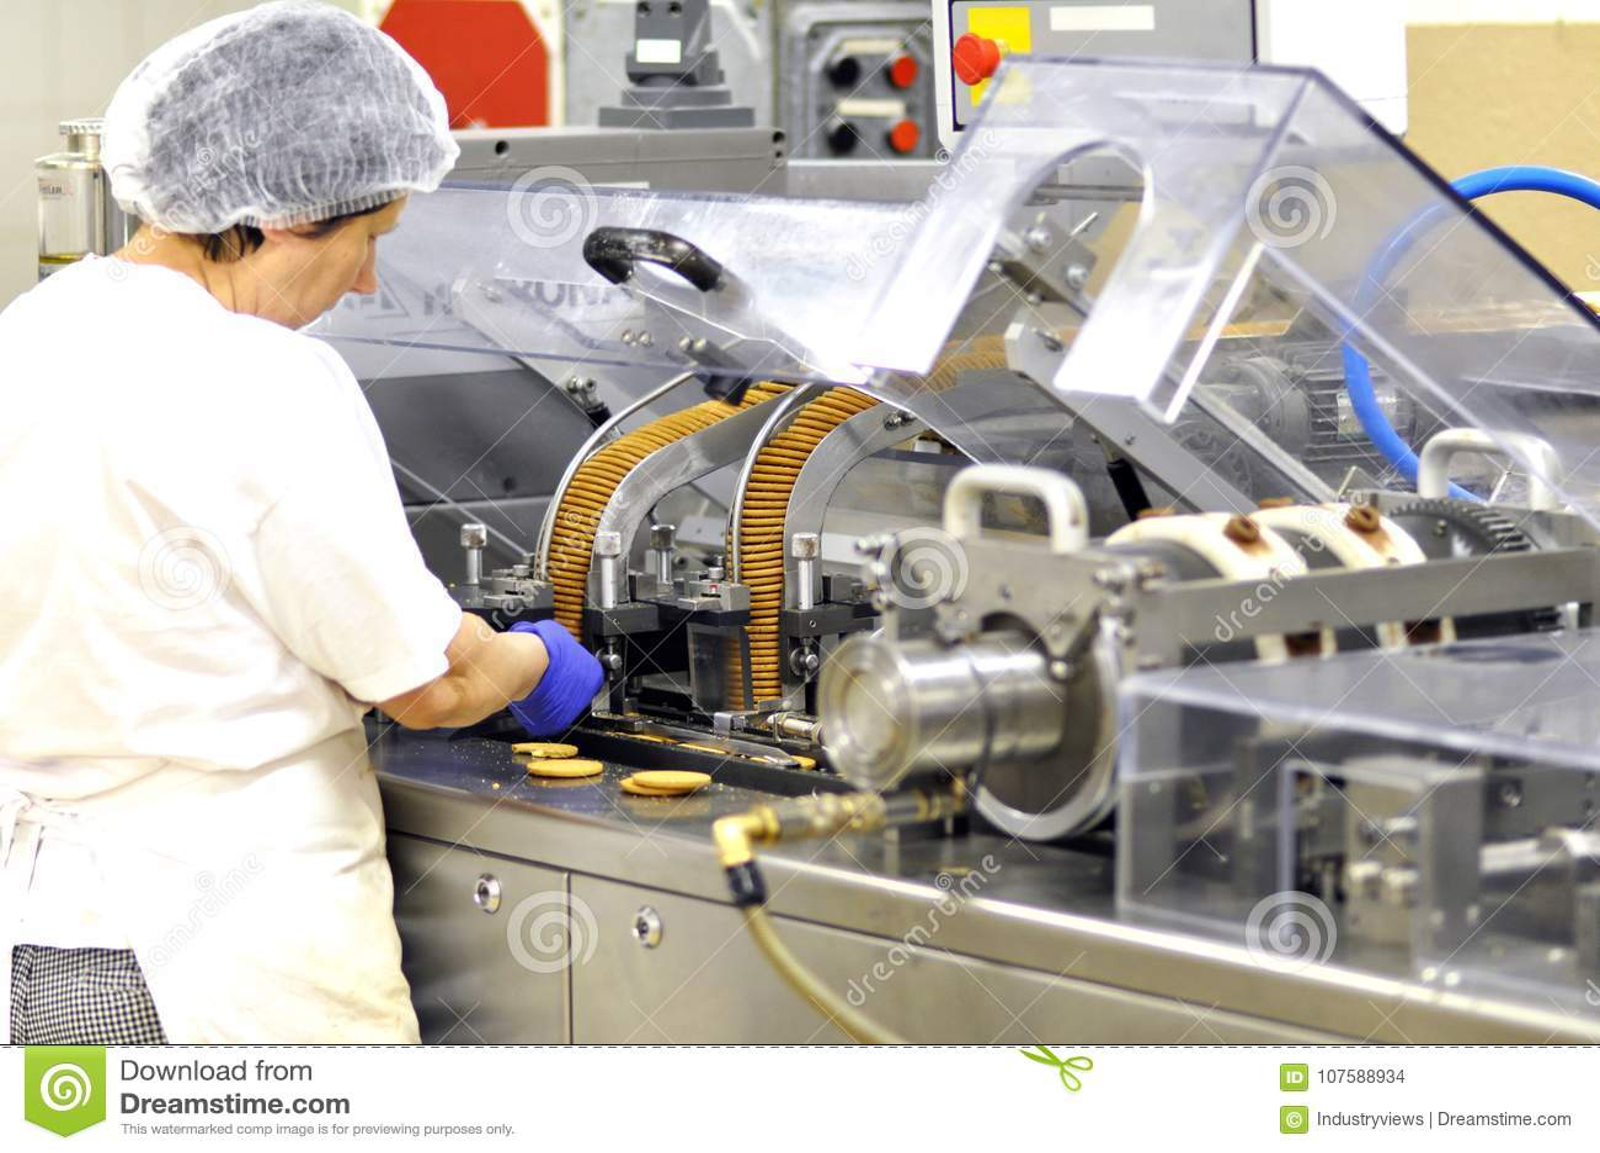 De voedselindustrie - de koekjesproductie in een fabriek op een transportband is